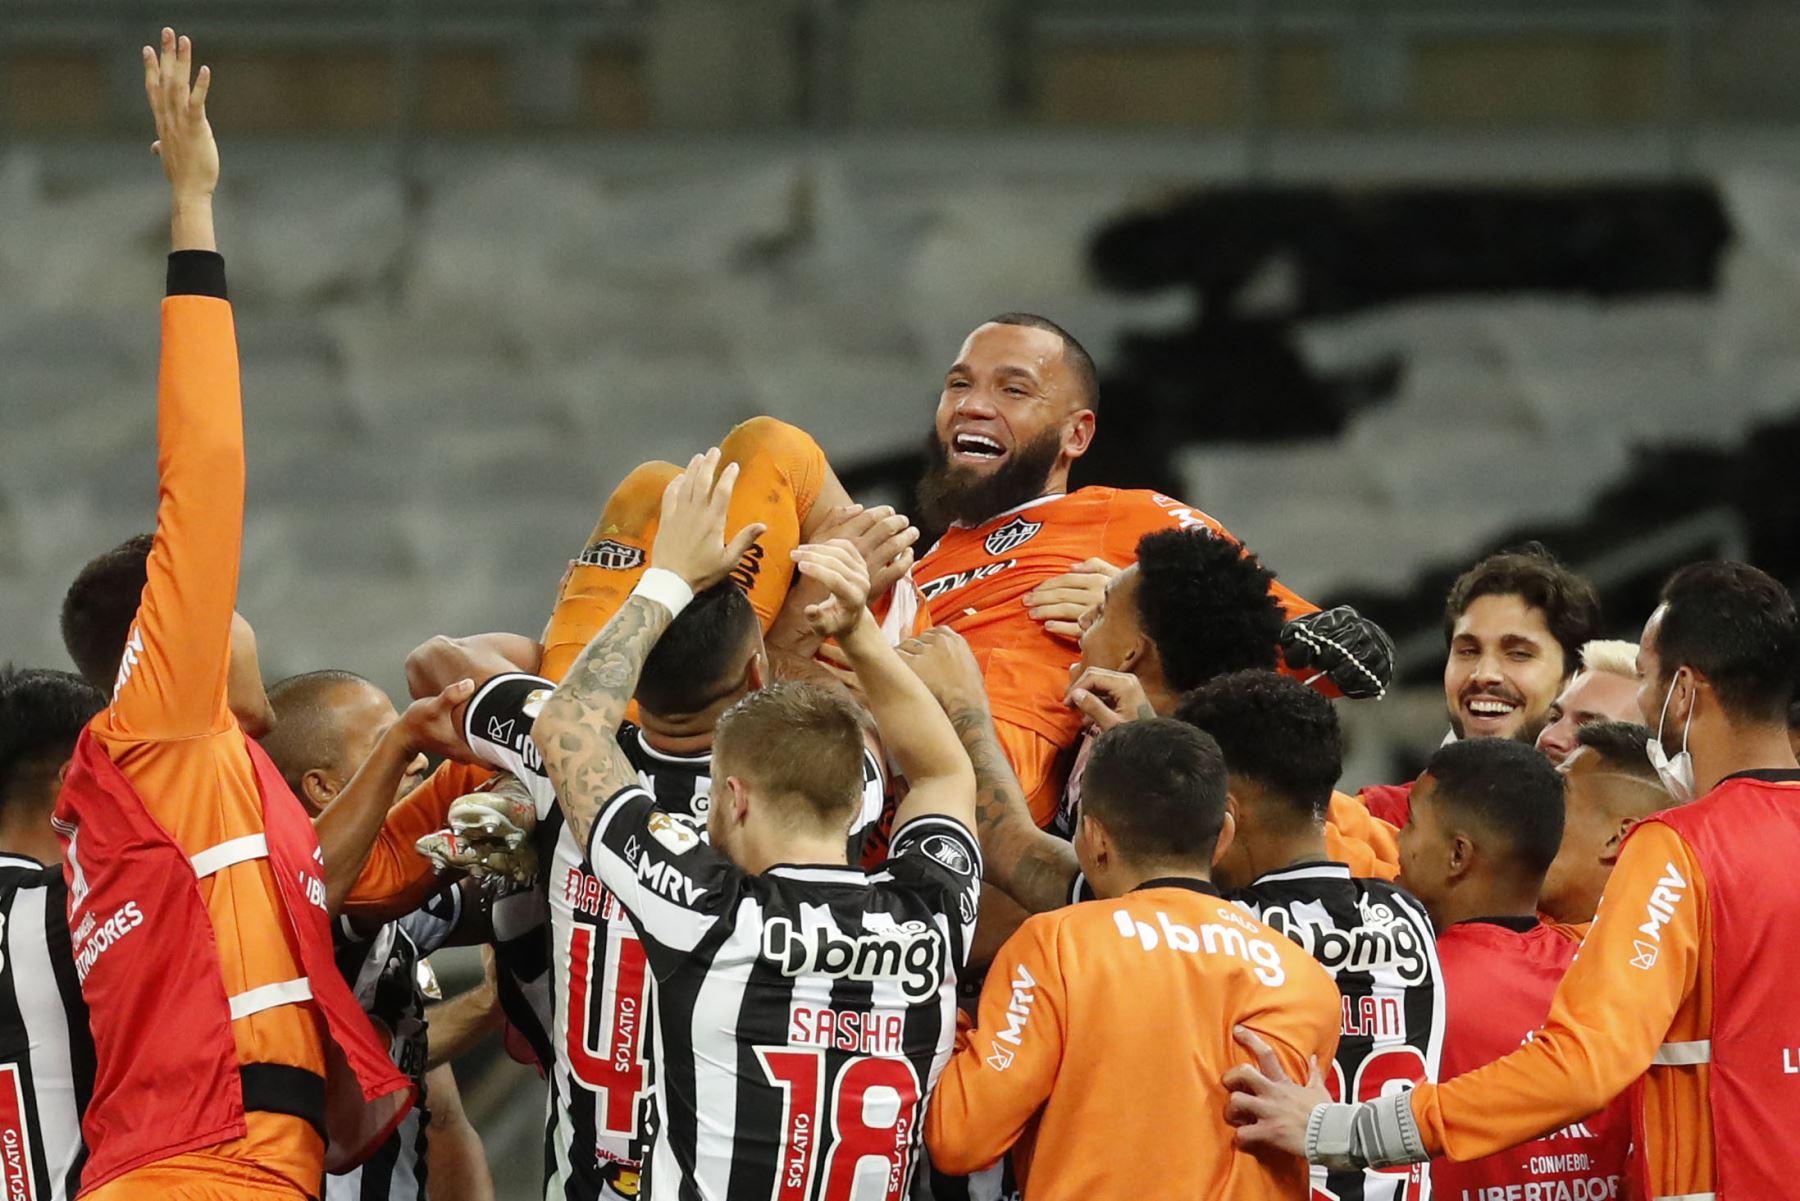 Everson, portero del Atlético Mineiro de Brasil, celebra con sus compañeros de equipo después de anotar un tiro penal para derrotar al Boca Juniors de Argentina durante el partido de vuelta de los octavos de final de la Copa Libertadores. Foto: AFP